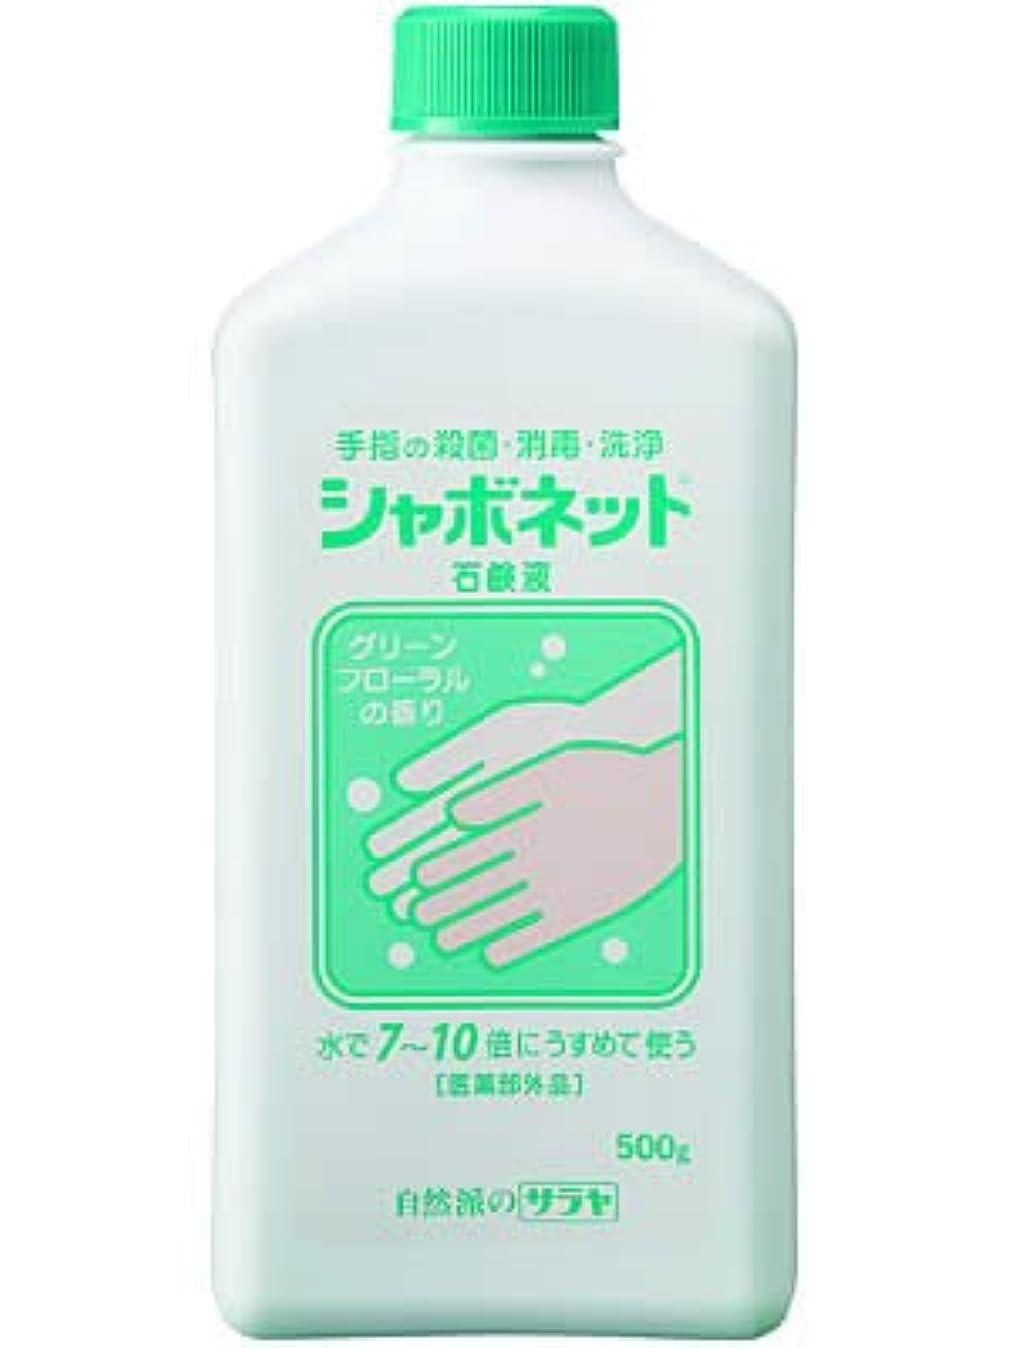 コンプライアンスアラーム香水シャボネット 石鹸液 500g ×5個セット